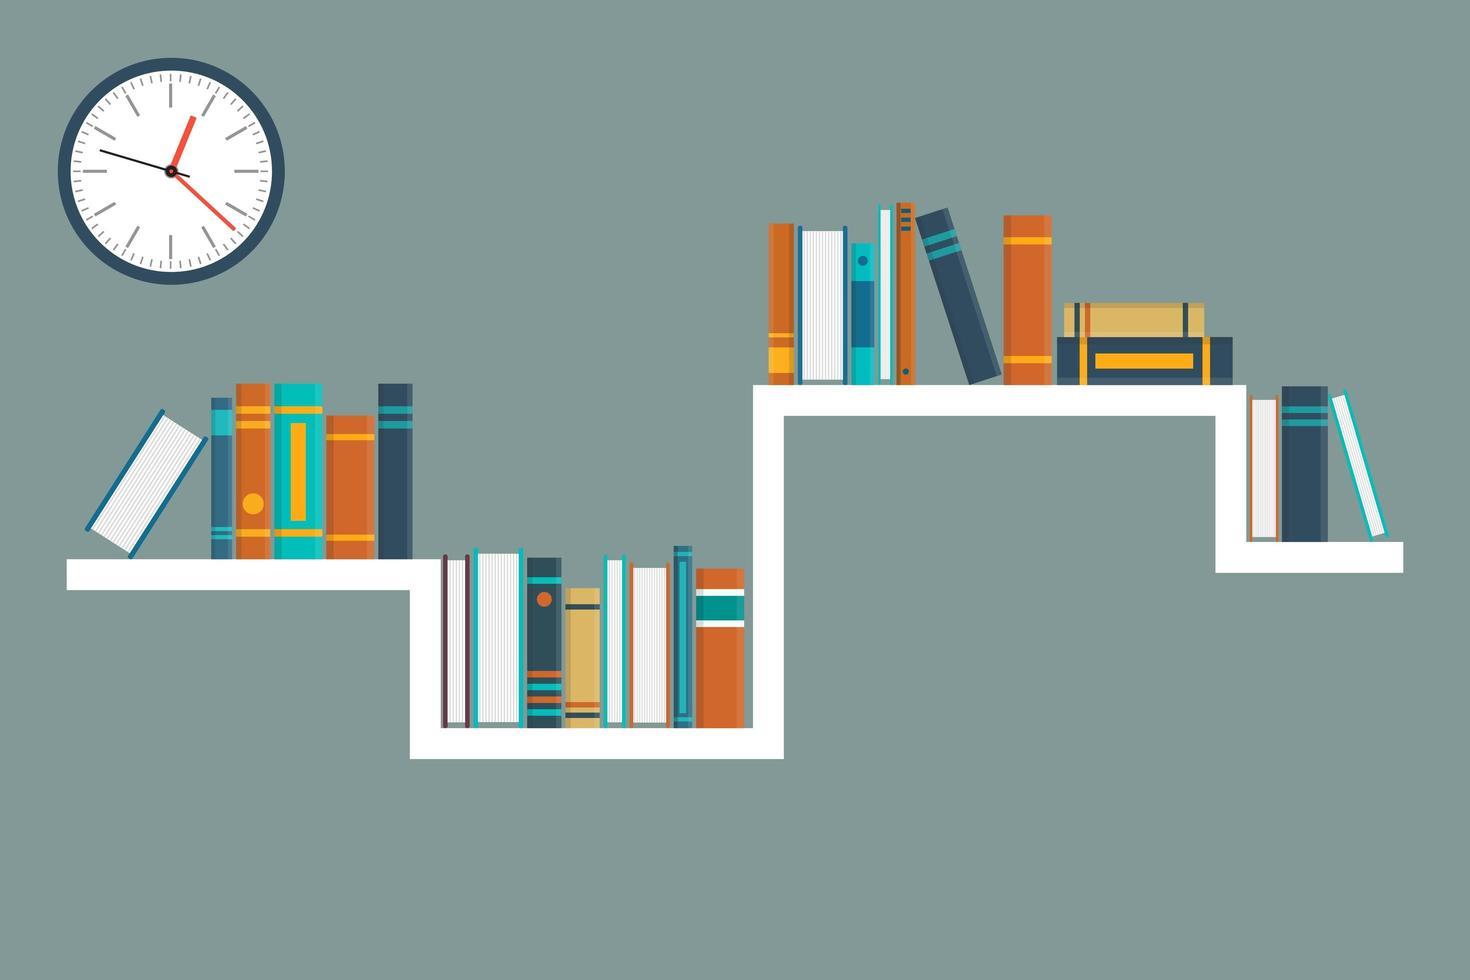 livros em uma prateleira e um relógio vetor